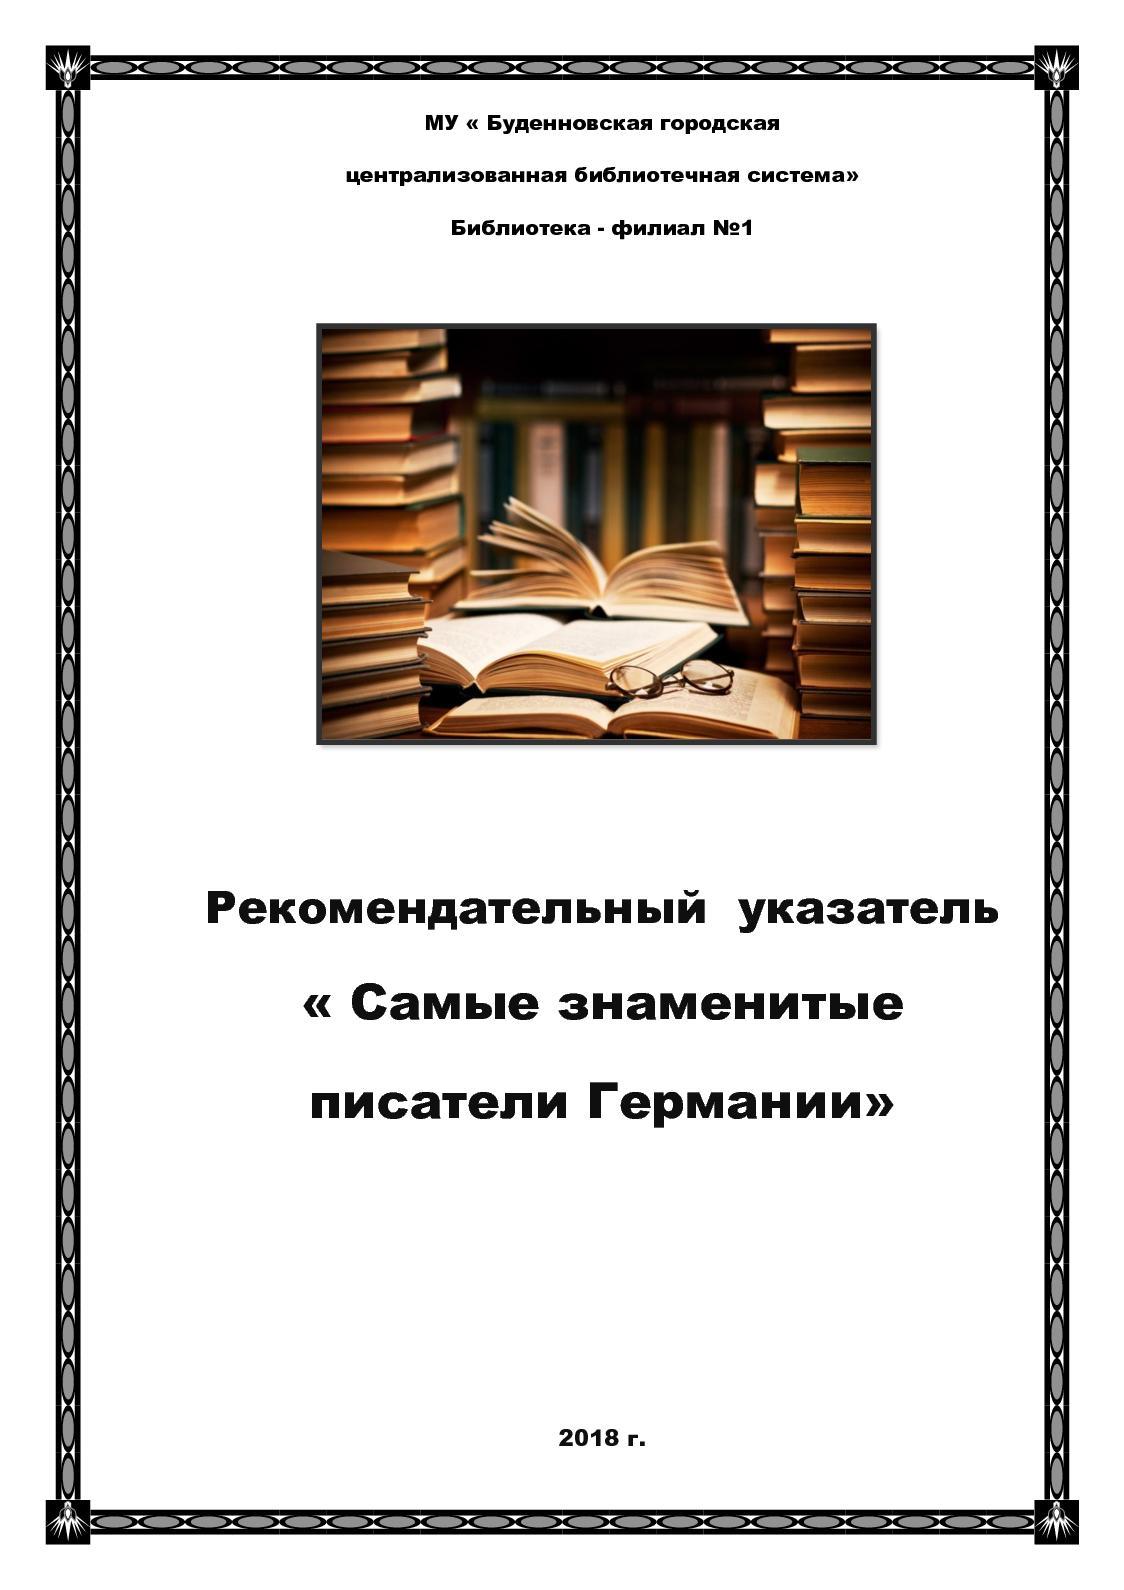 Известный писатель автор детективных романов написал философское эссе 7449